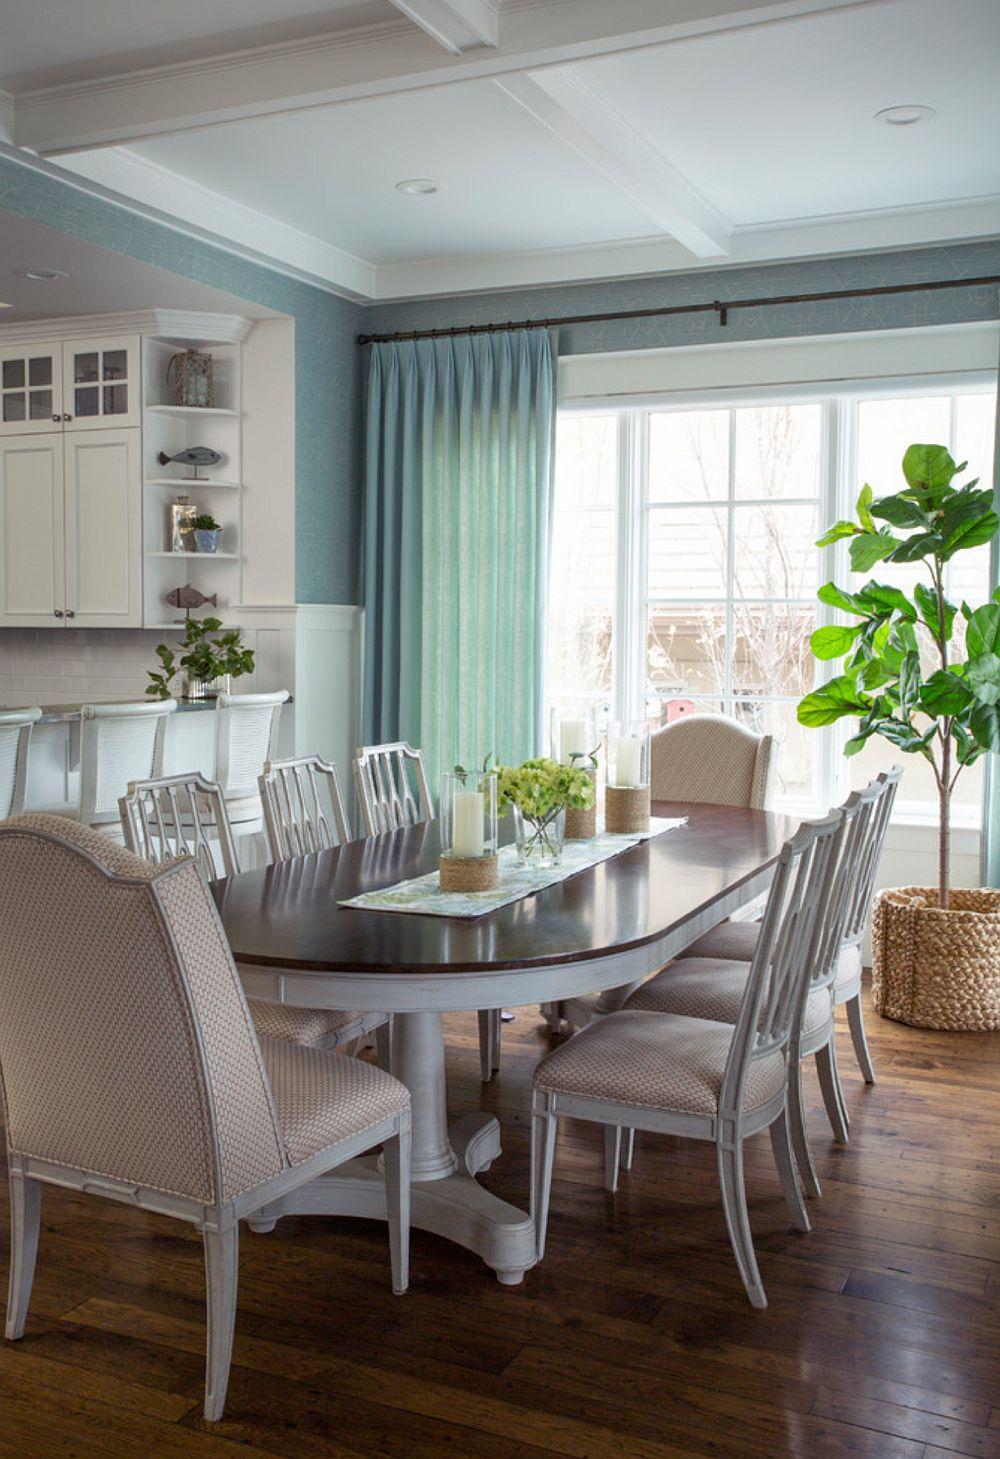 Locul de luat masa cu mobilă deschisă pentru ca ea să nu încarce spațiul, ci să-i dea un aer relaxant.